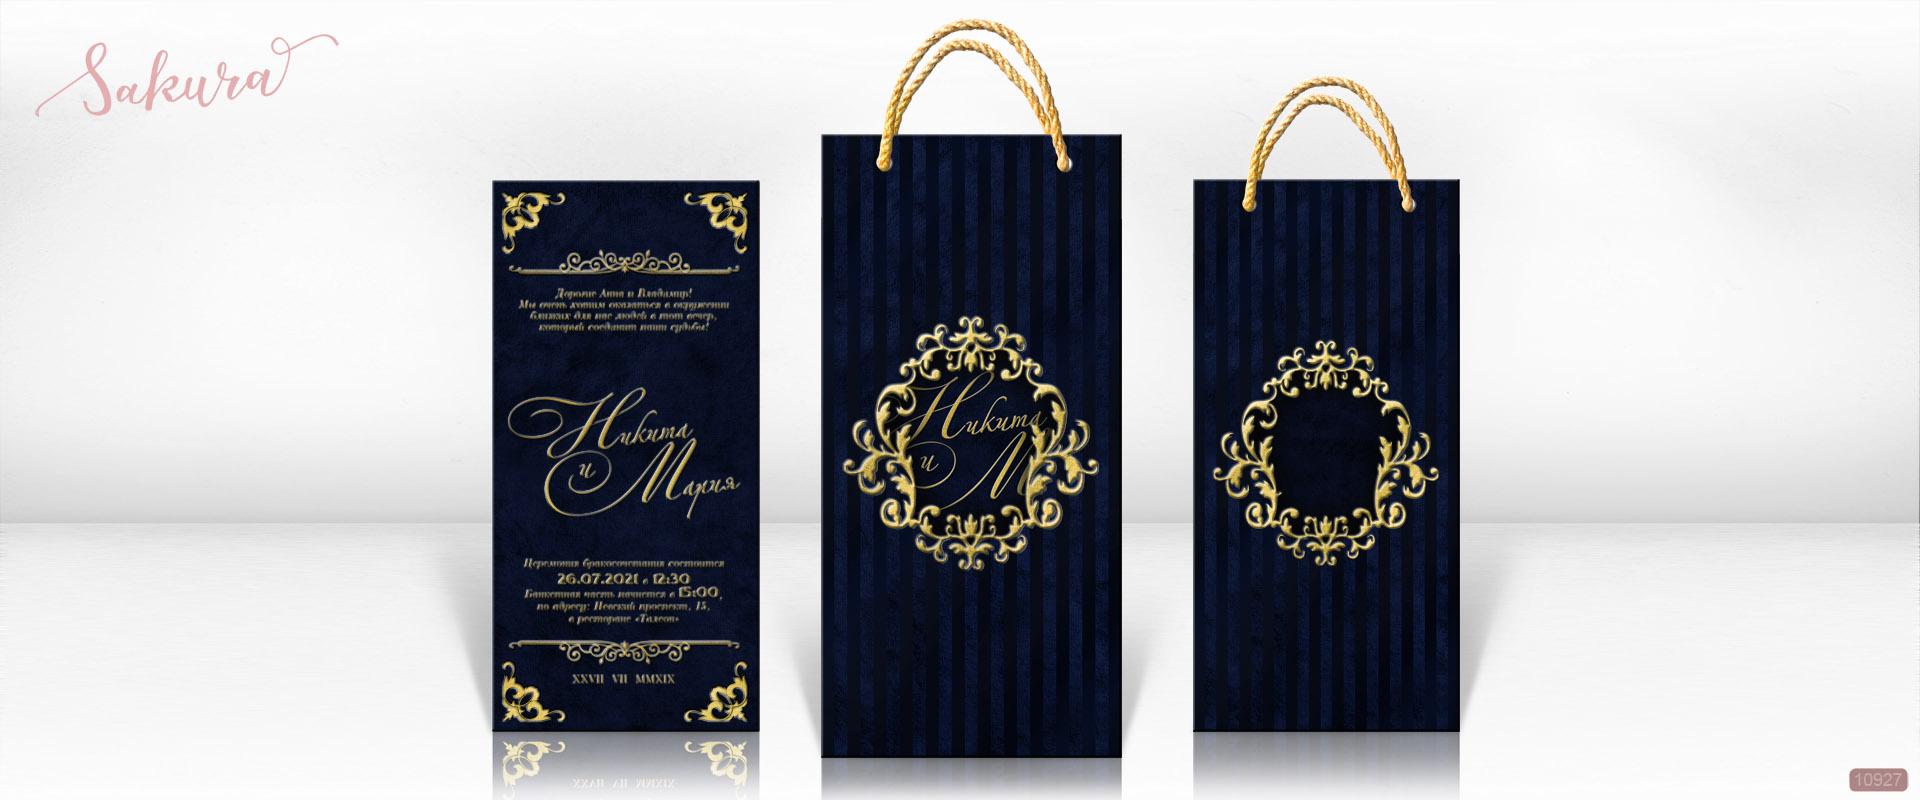 Приглашение на свадьбу, юбилей, подарочный сертификат из синего бархата с фактурным тиснением. Пакет с золотыми ручками